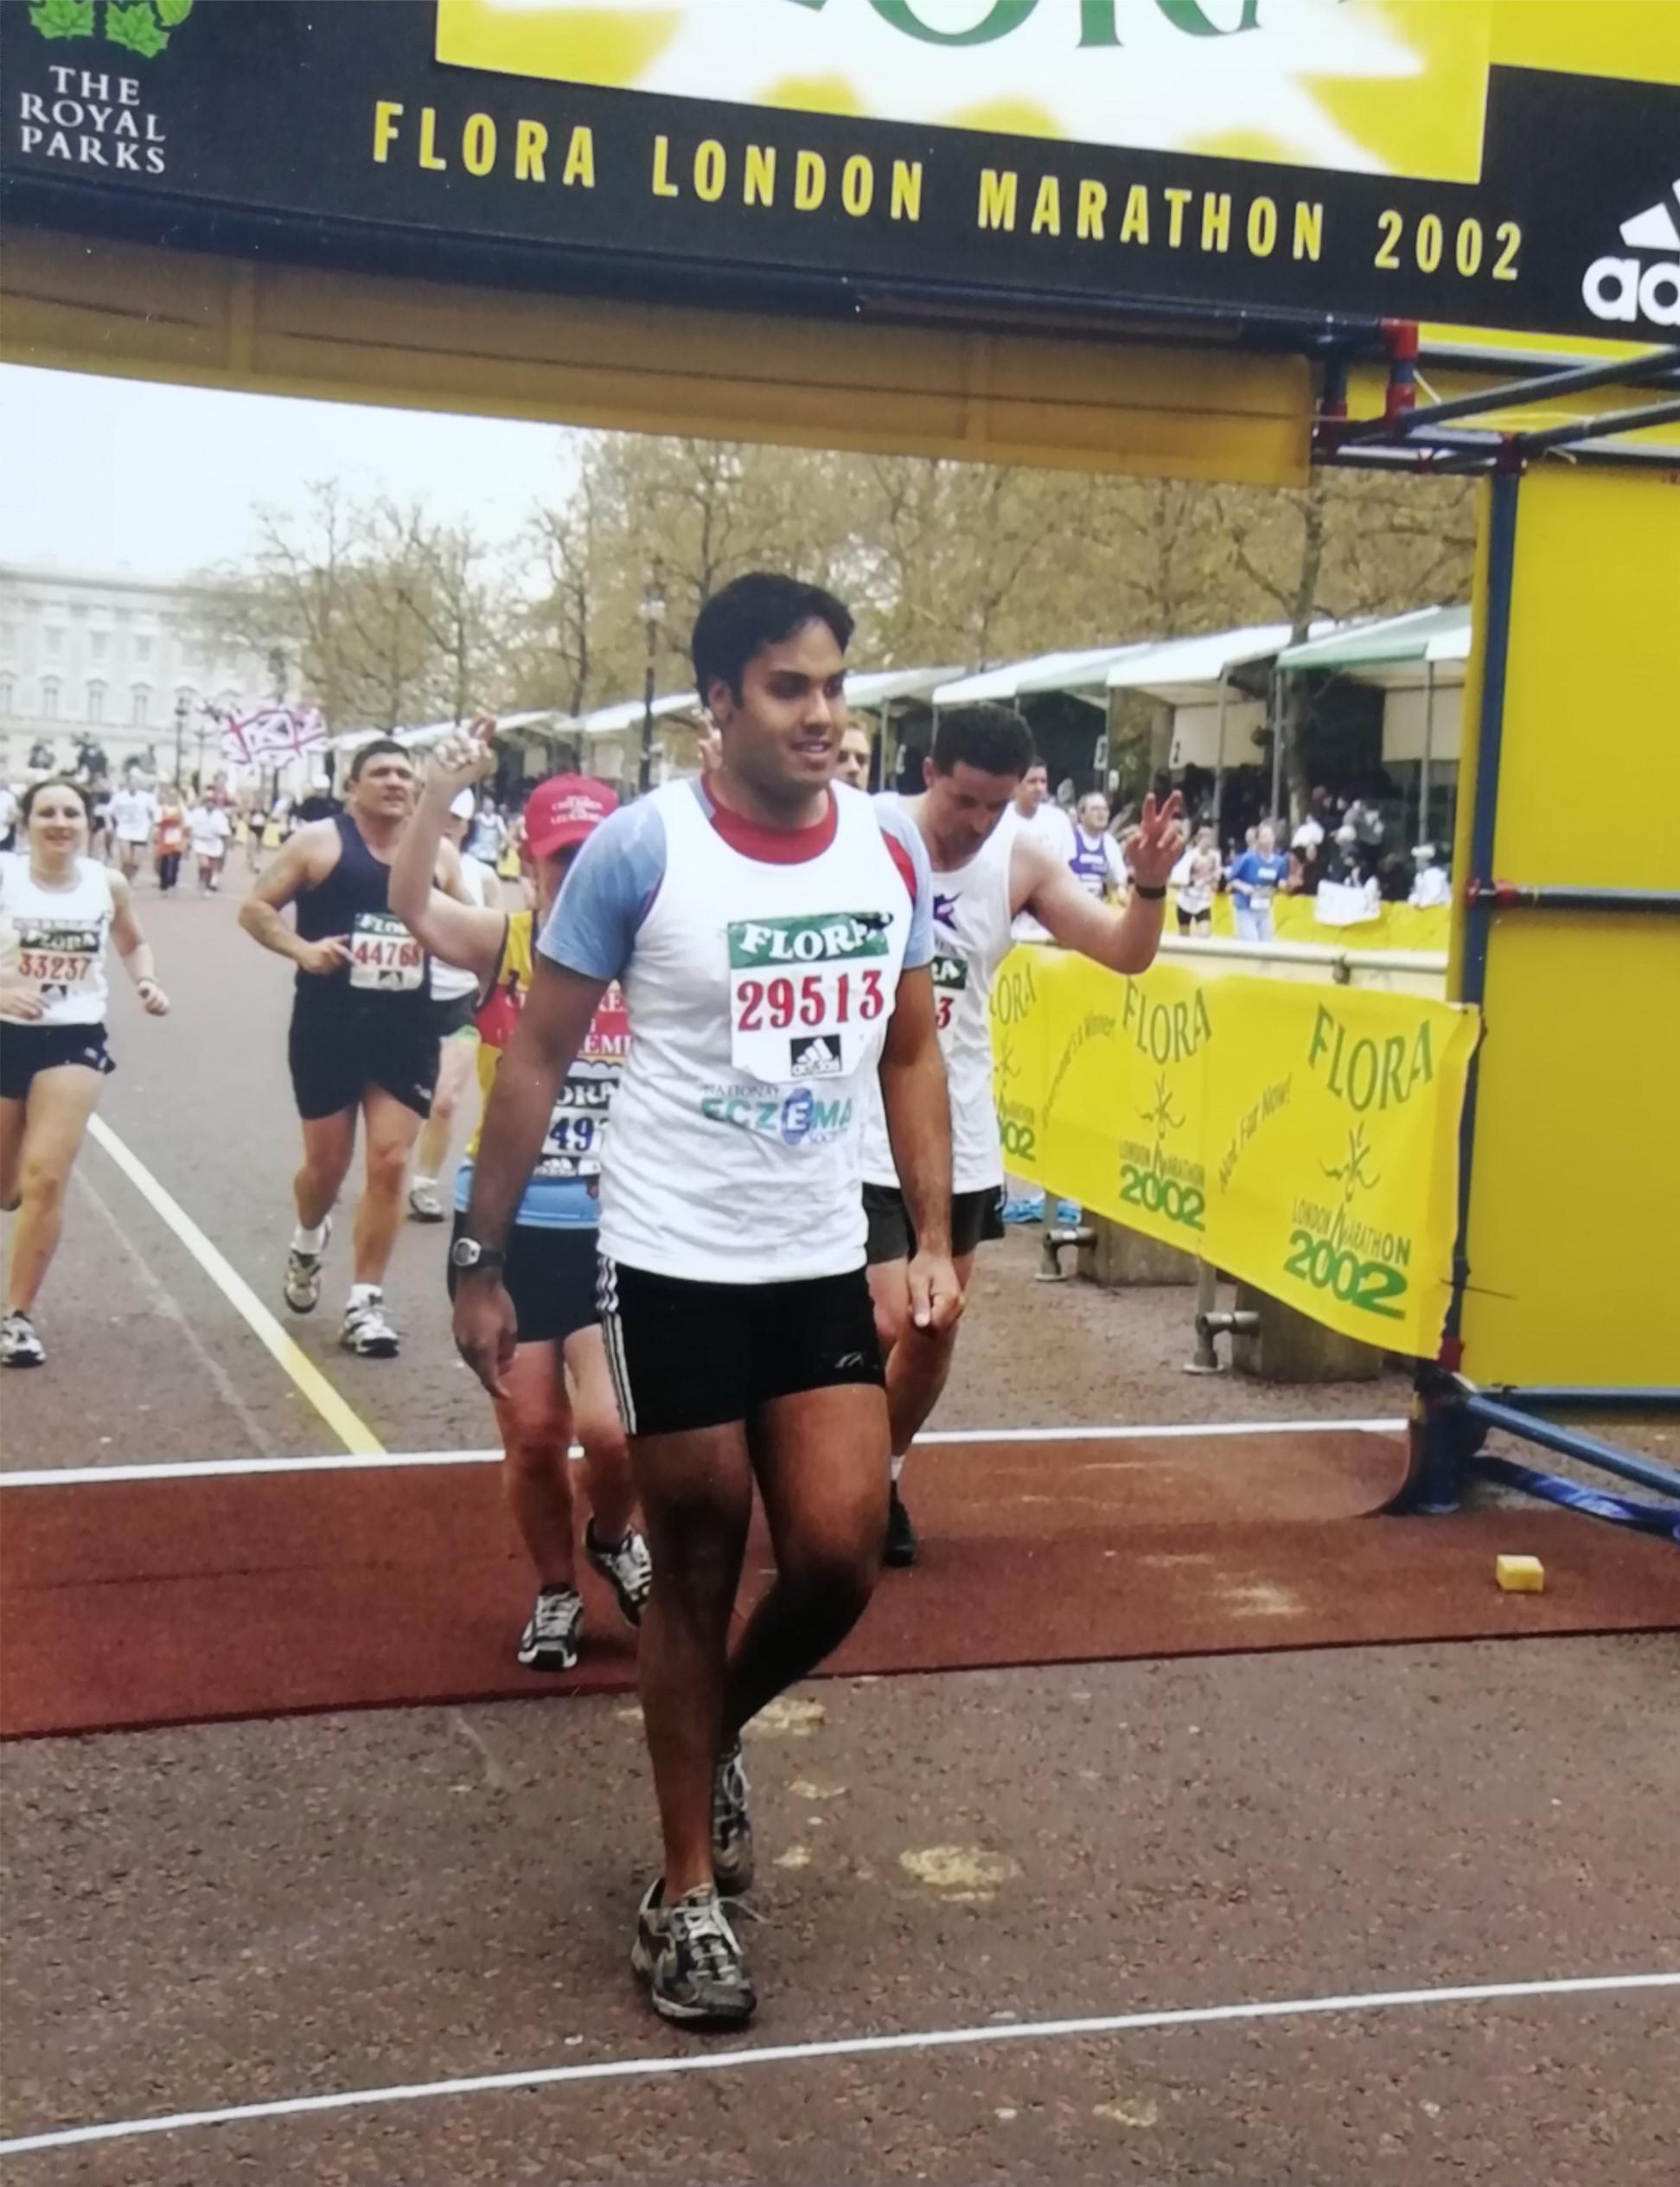 2002 London marathon.jpg